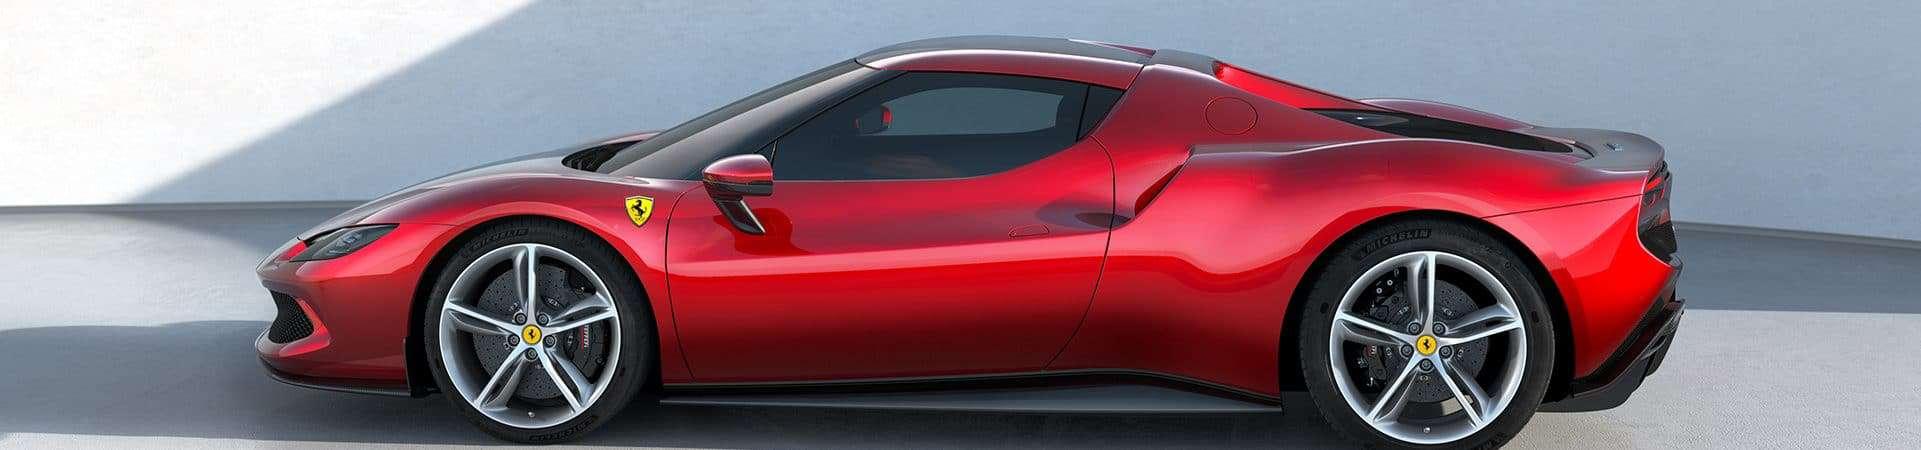 Ferrari 296 GTB. Futuros carros da Ferrari poderão monitorar temperatura do corpo dos motoristas, diz patente